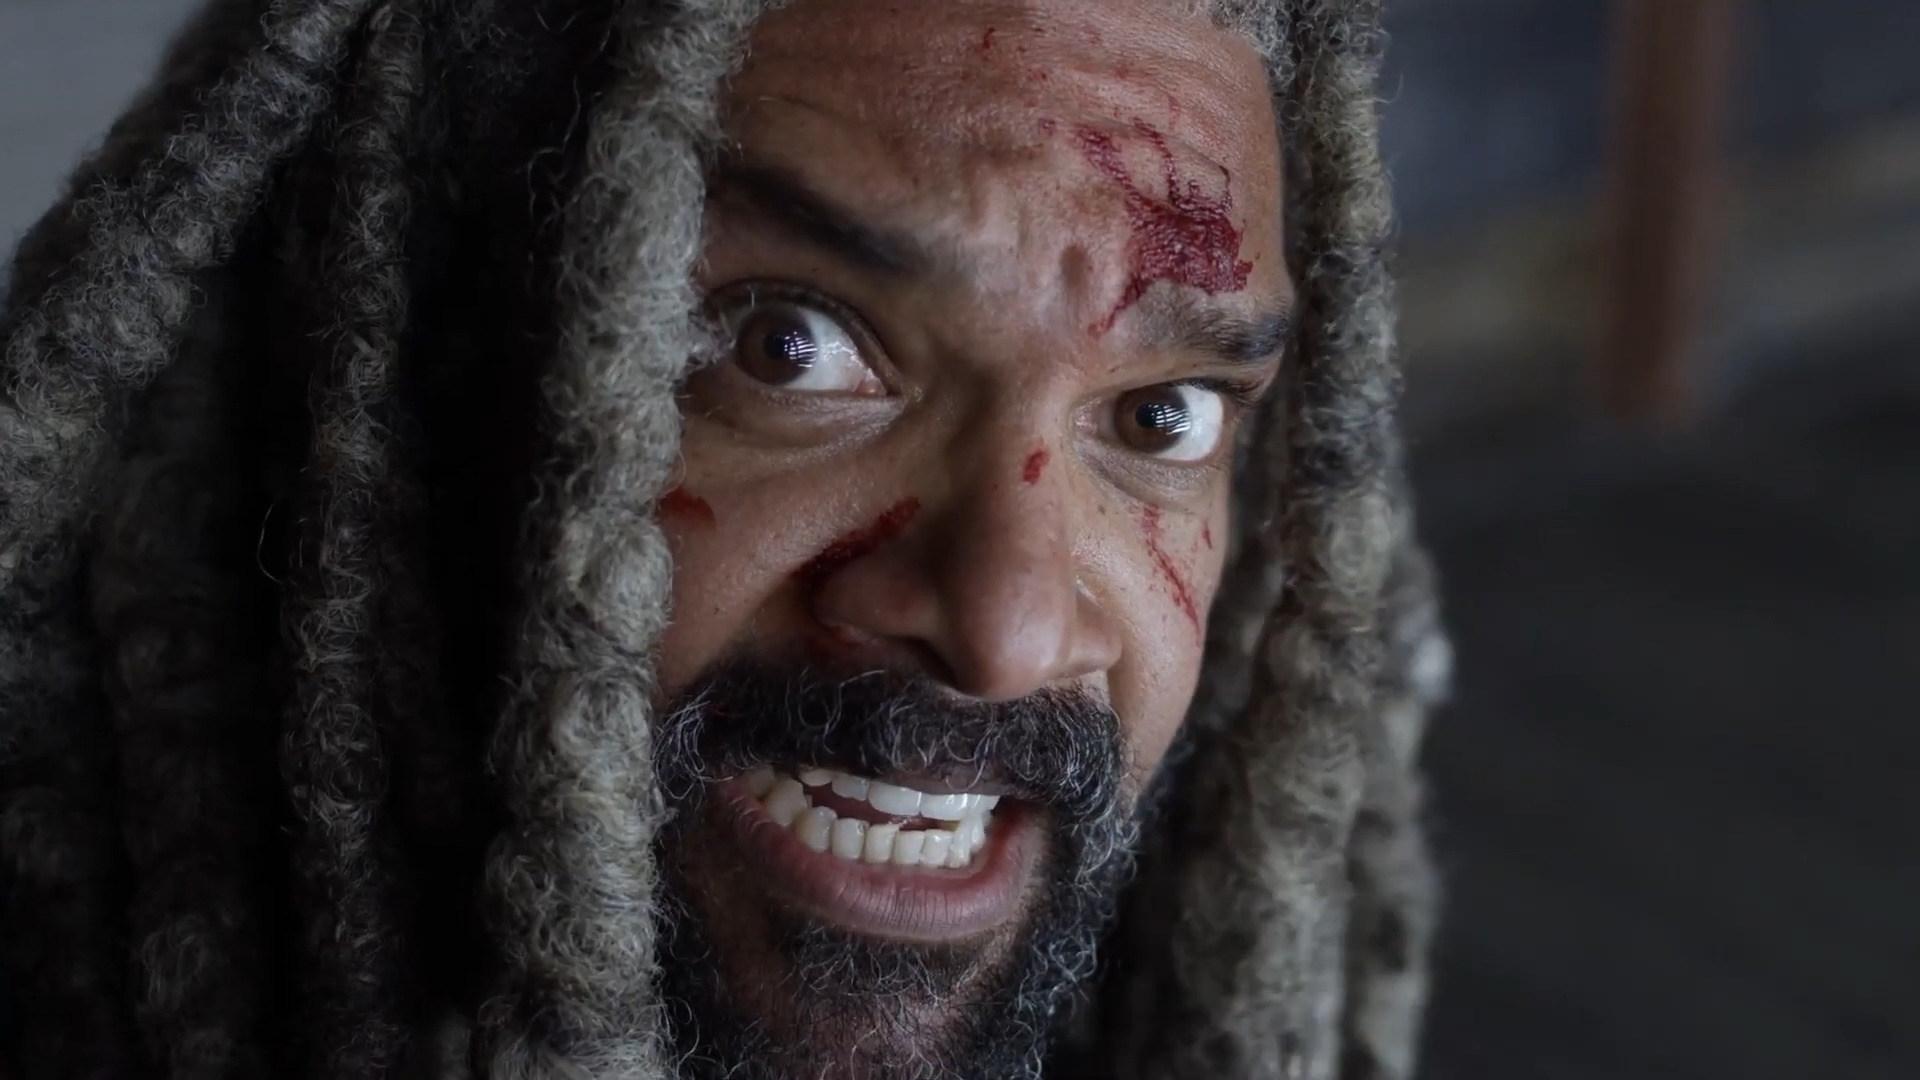 Trailer, Serie, Zombies, The Walking Dead, AMC, Fox